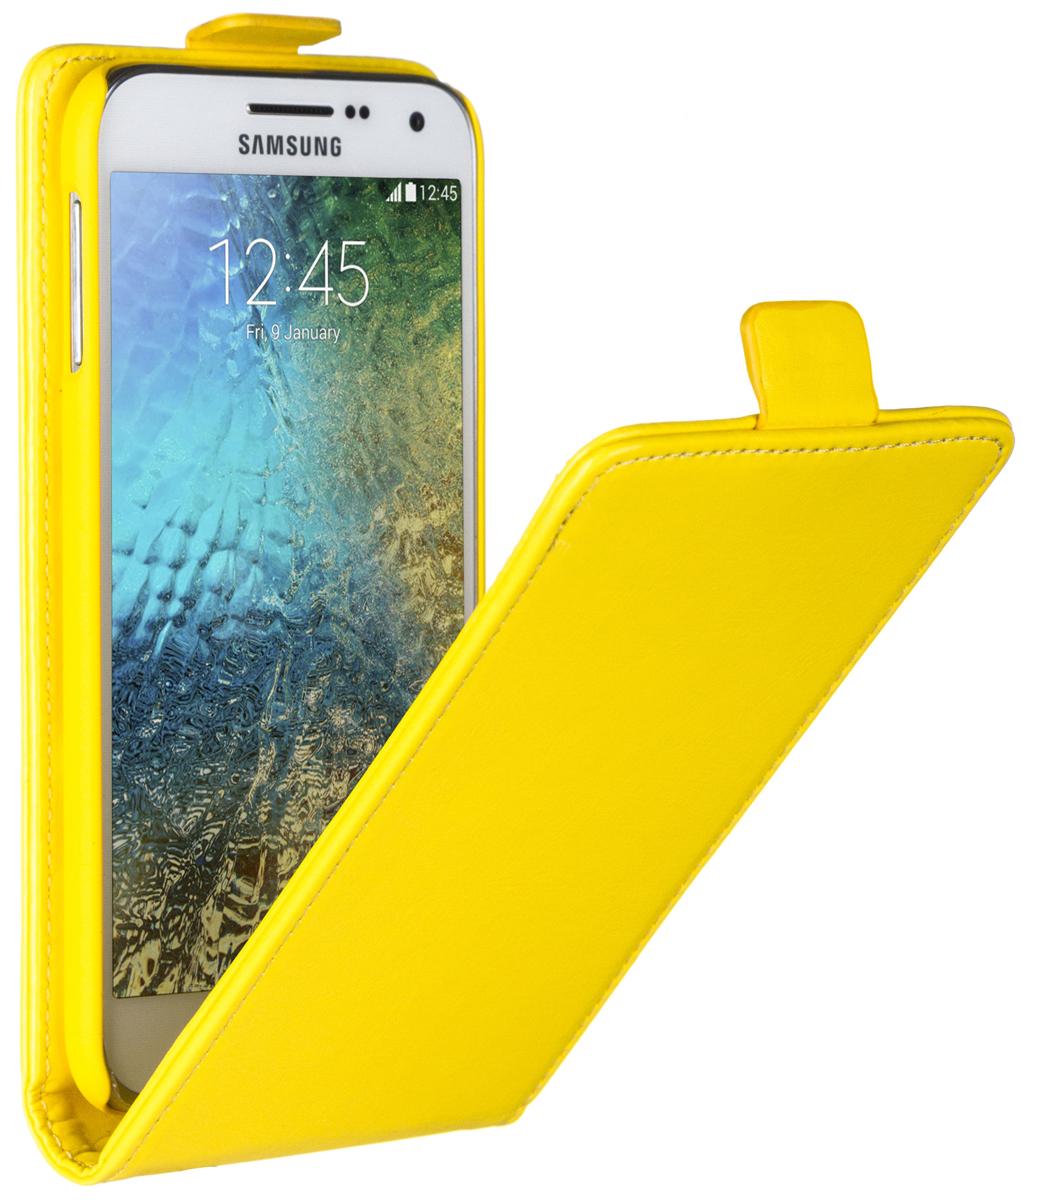 Skinbox Flip Case чехол для Samsung Galaxy E5, Yellow2000000058474Чехол Skinbox Flip Case для Samsung Galaxy E5 выполнен из высококачественного поликарбоната и экокожи. Он обеспечивает надежную защиту корпуса и экрана смартфона и надолго сохраняет его привлекательный внешний вид. Чехол также обеспечивает свободный доступ ко всем разъемам и клавишам устройства.